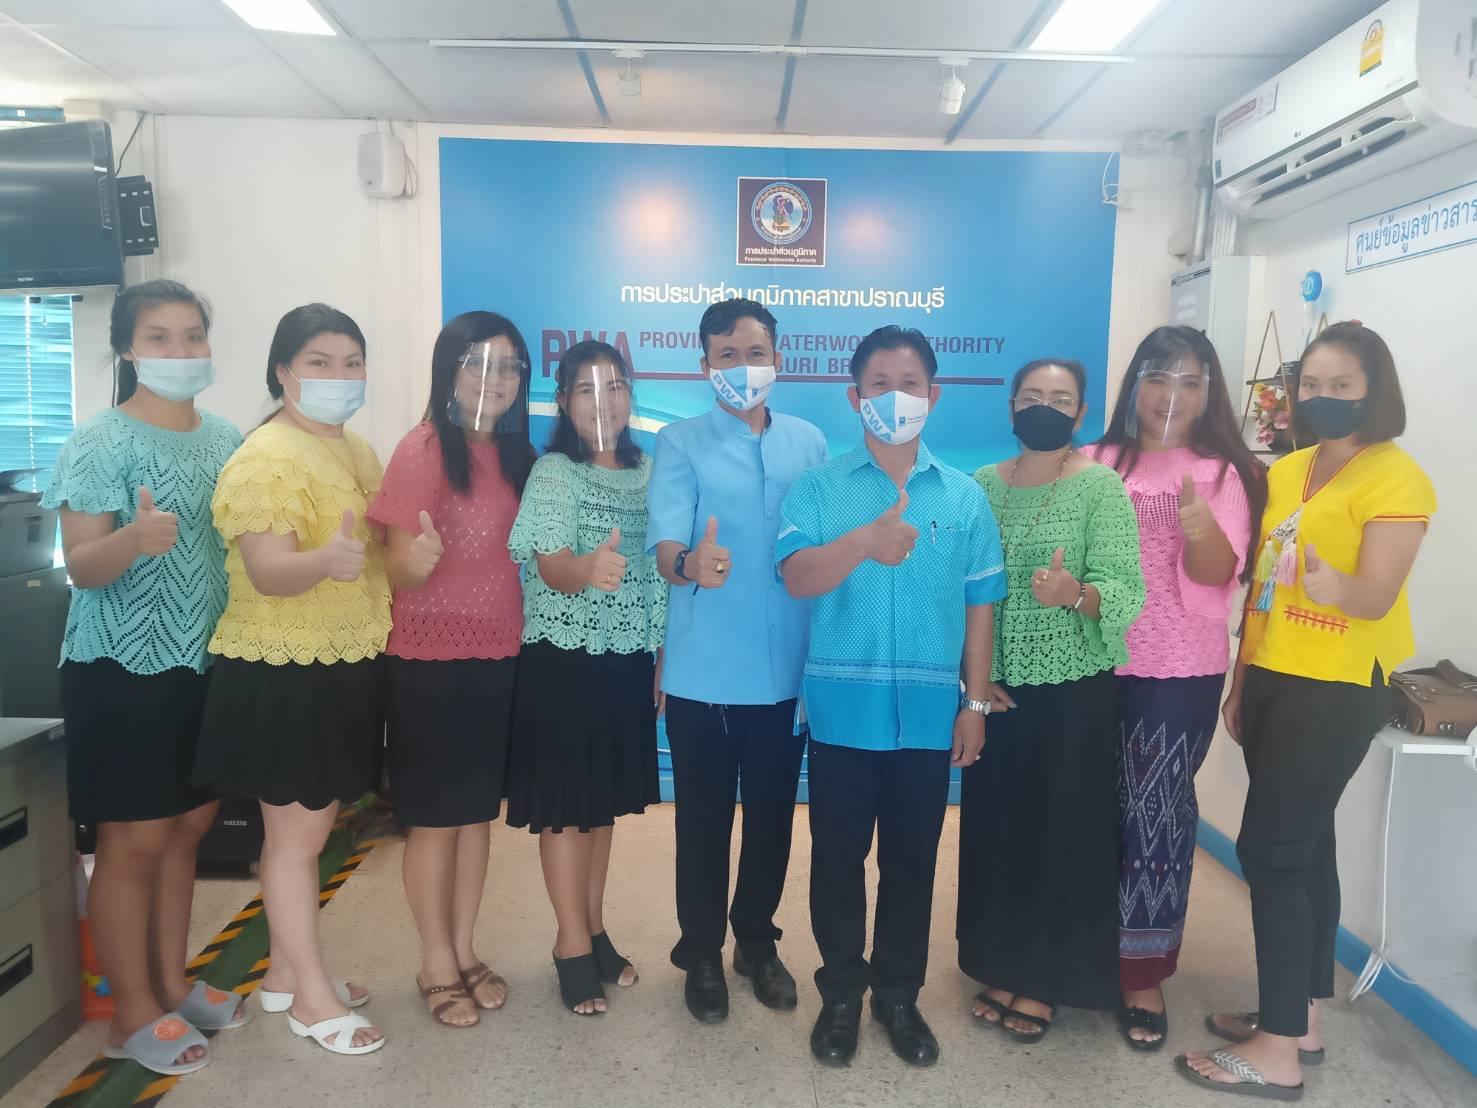 กปภ.สาขาปราณบุรี คุมเข้มมาตรการป้องกันความปลอดภัยผู้ใช้น้ำ นำแพลตฟอร์มไทยชนะมาใช้เพื่อความสะดวกและสบายใจของผู้มา